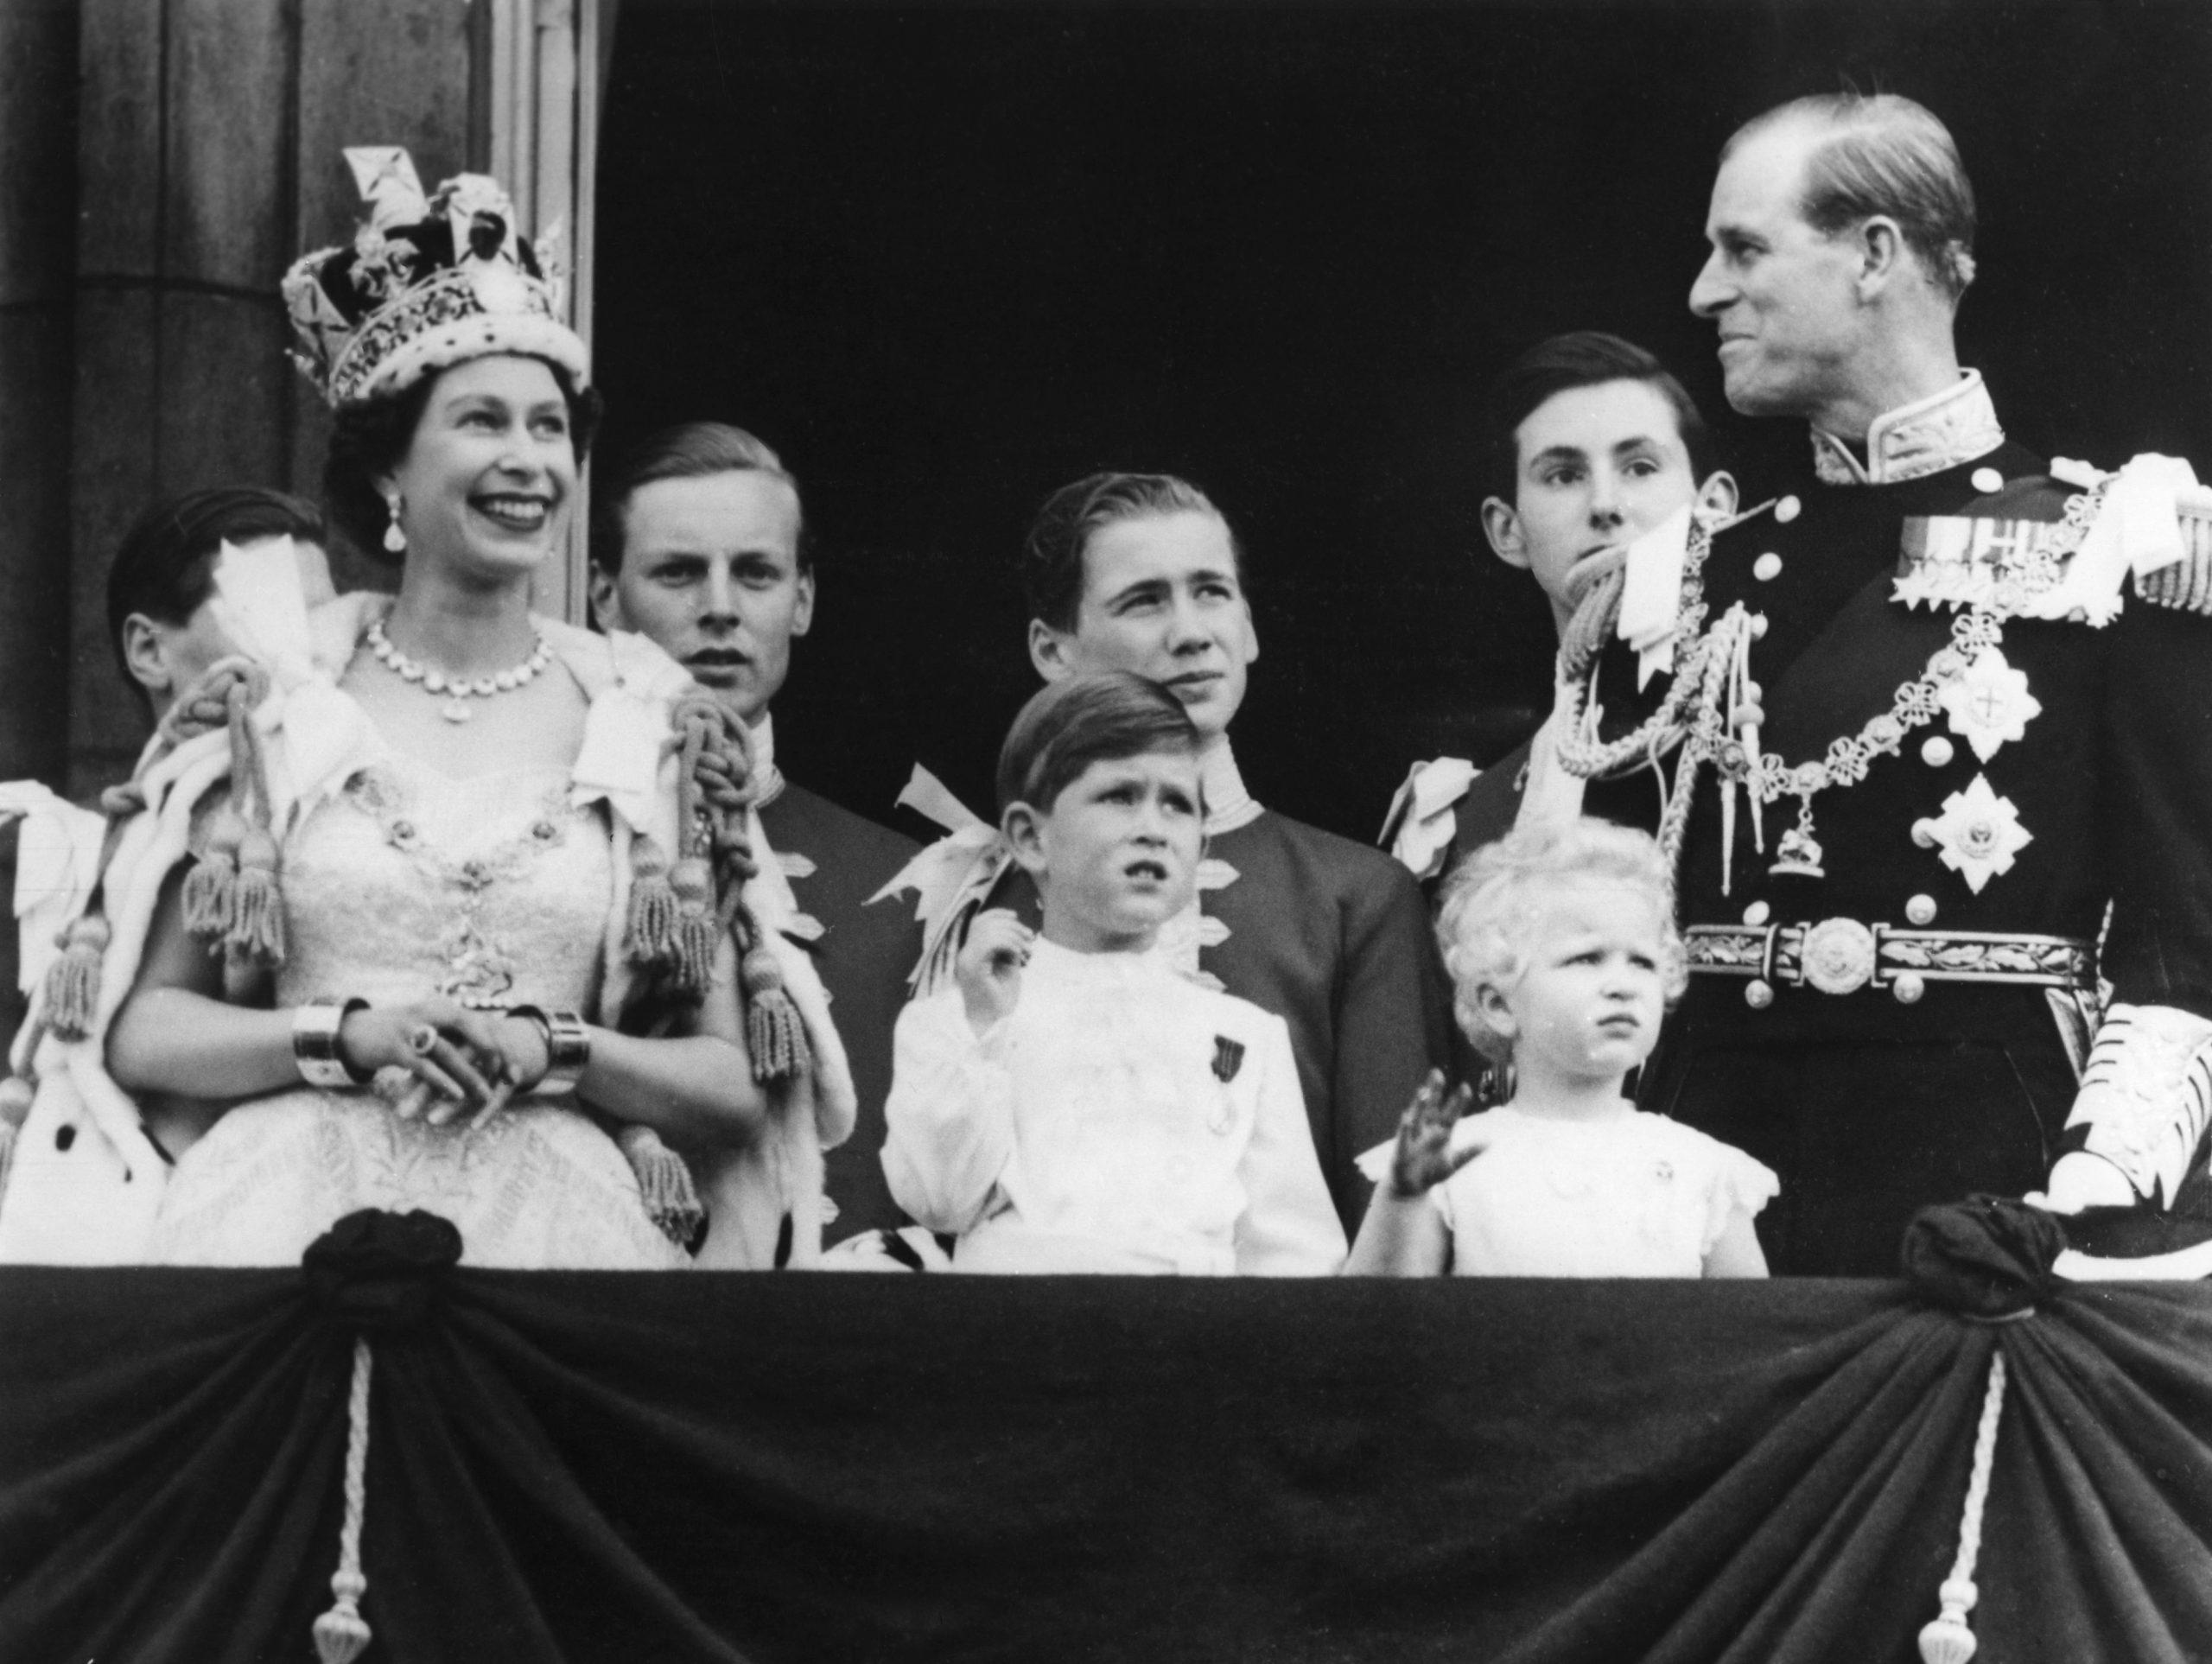 Încoronarea Reginei Elisabeta în 1953